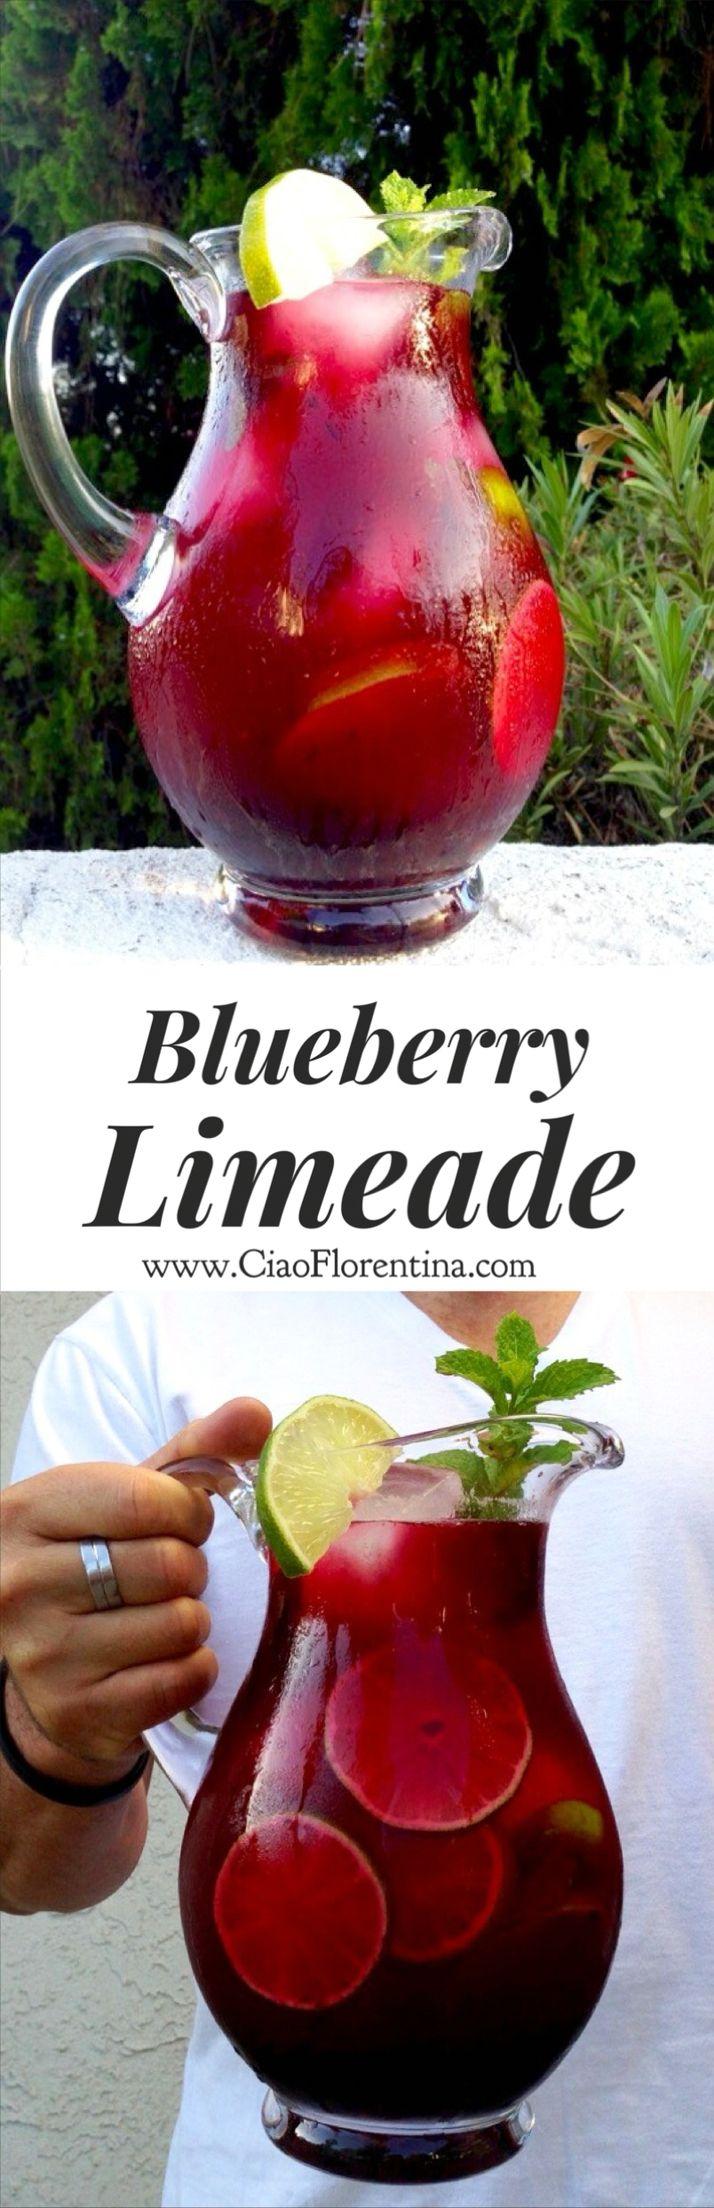 Blueberry Limeade made with wild honey and homemade blueberry purée | CiaoFlorentina.com @CiaoFlorentina